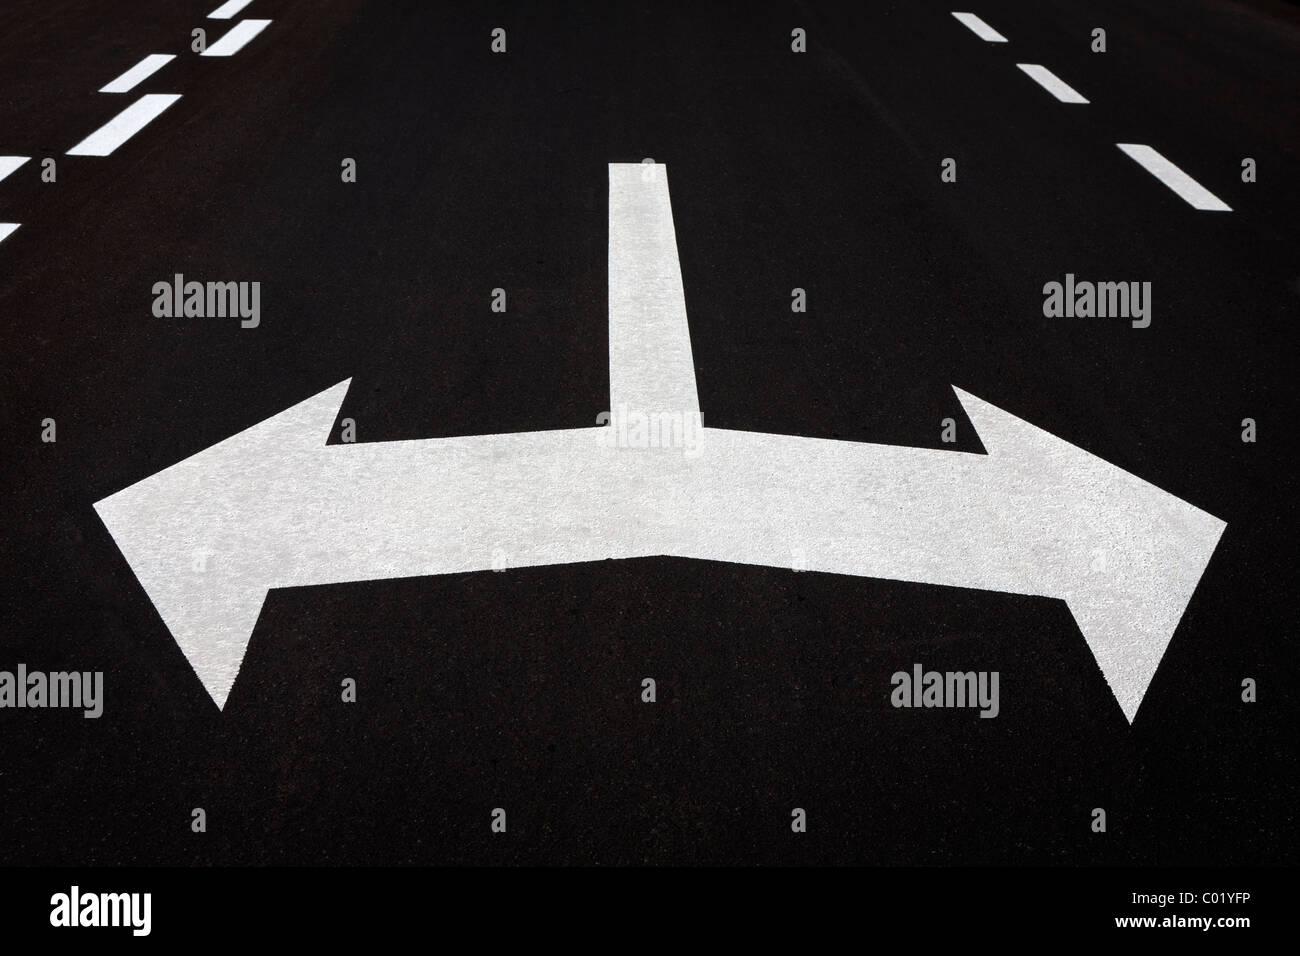 Las flechas de giro izquierdo y derecho pintado sobre asfalto de carretera. Concepto para girar, decisión, Imagen De Stock